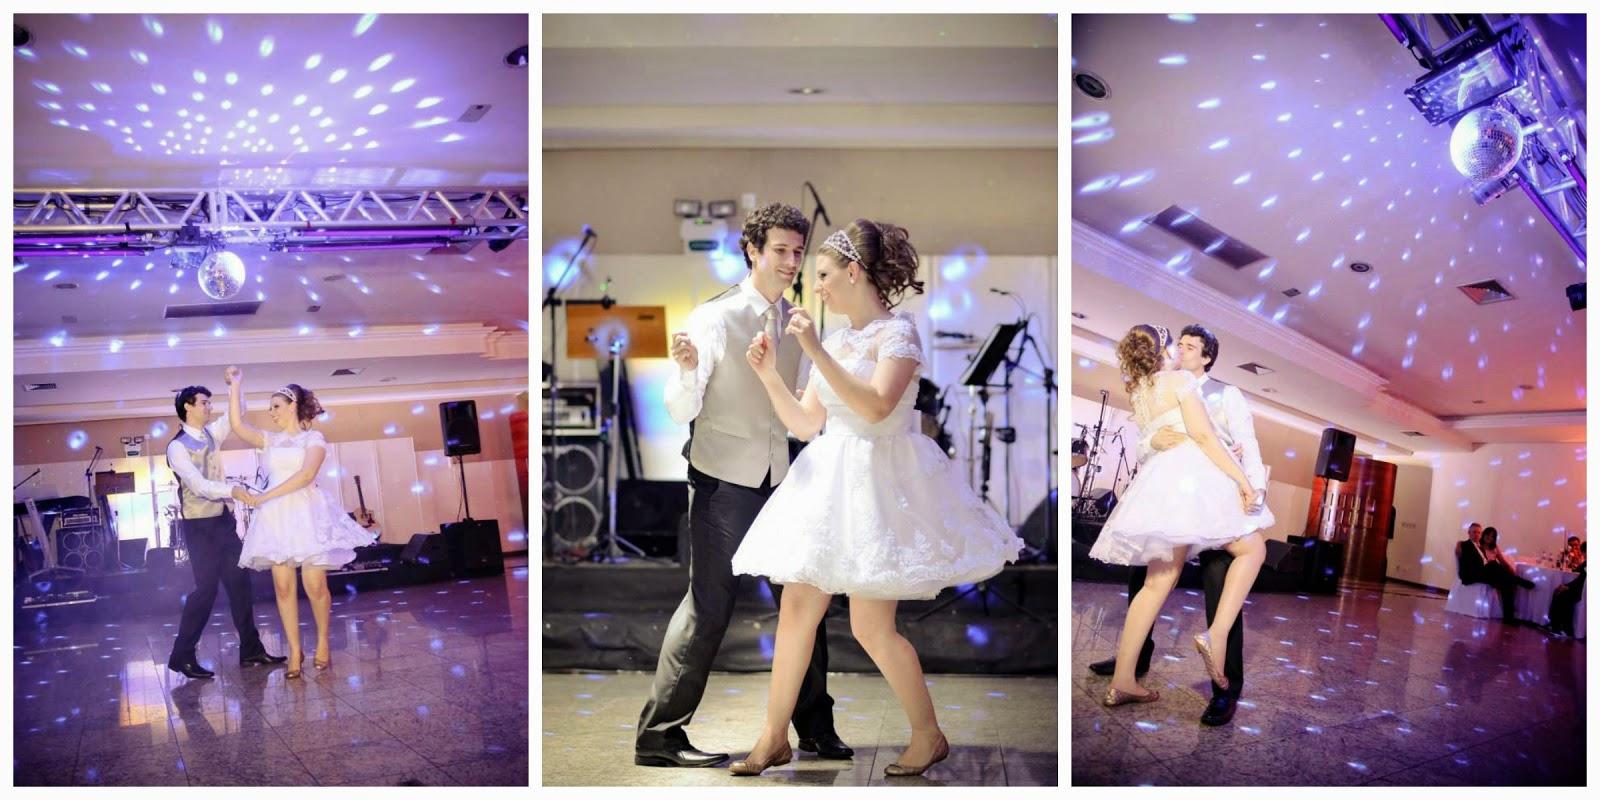 festa-noivos-primeira-danca-4